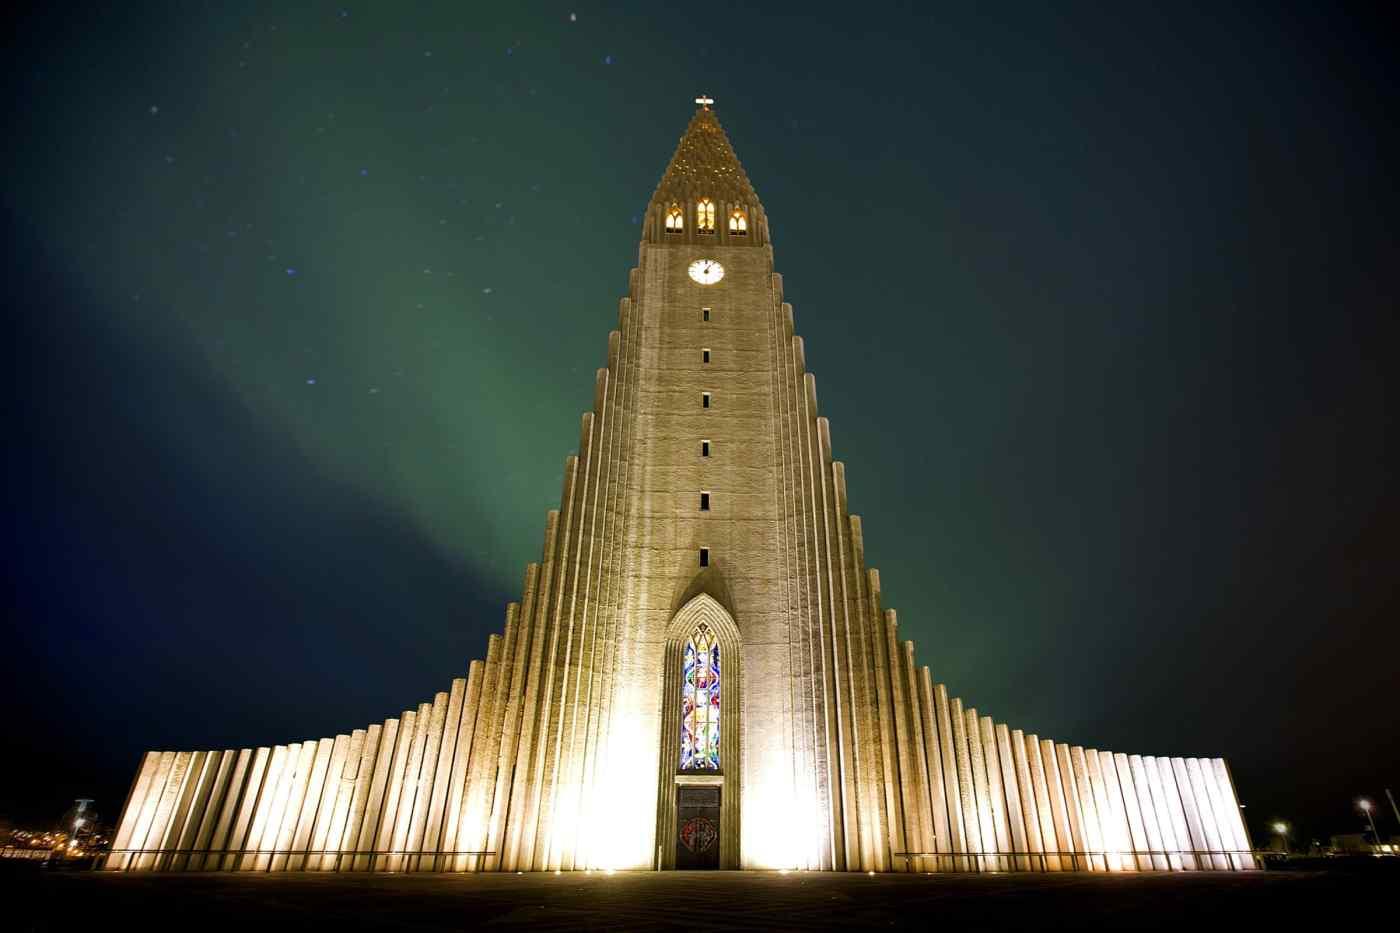 Hallgrímskirkja Church • Reykjavik, Iceland